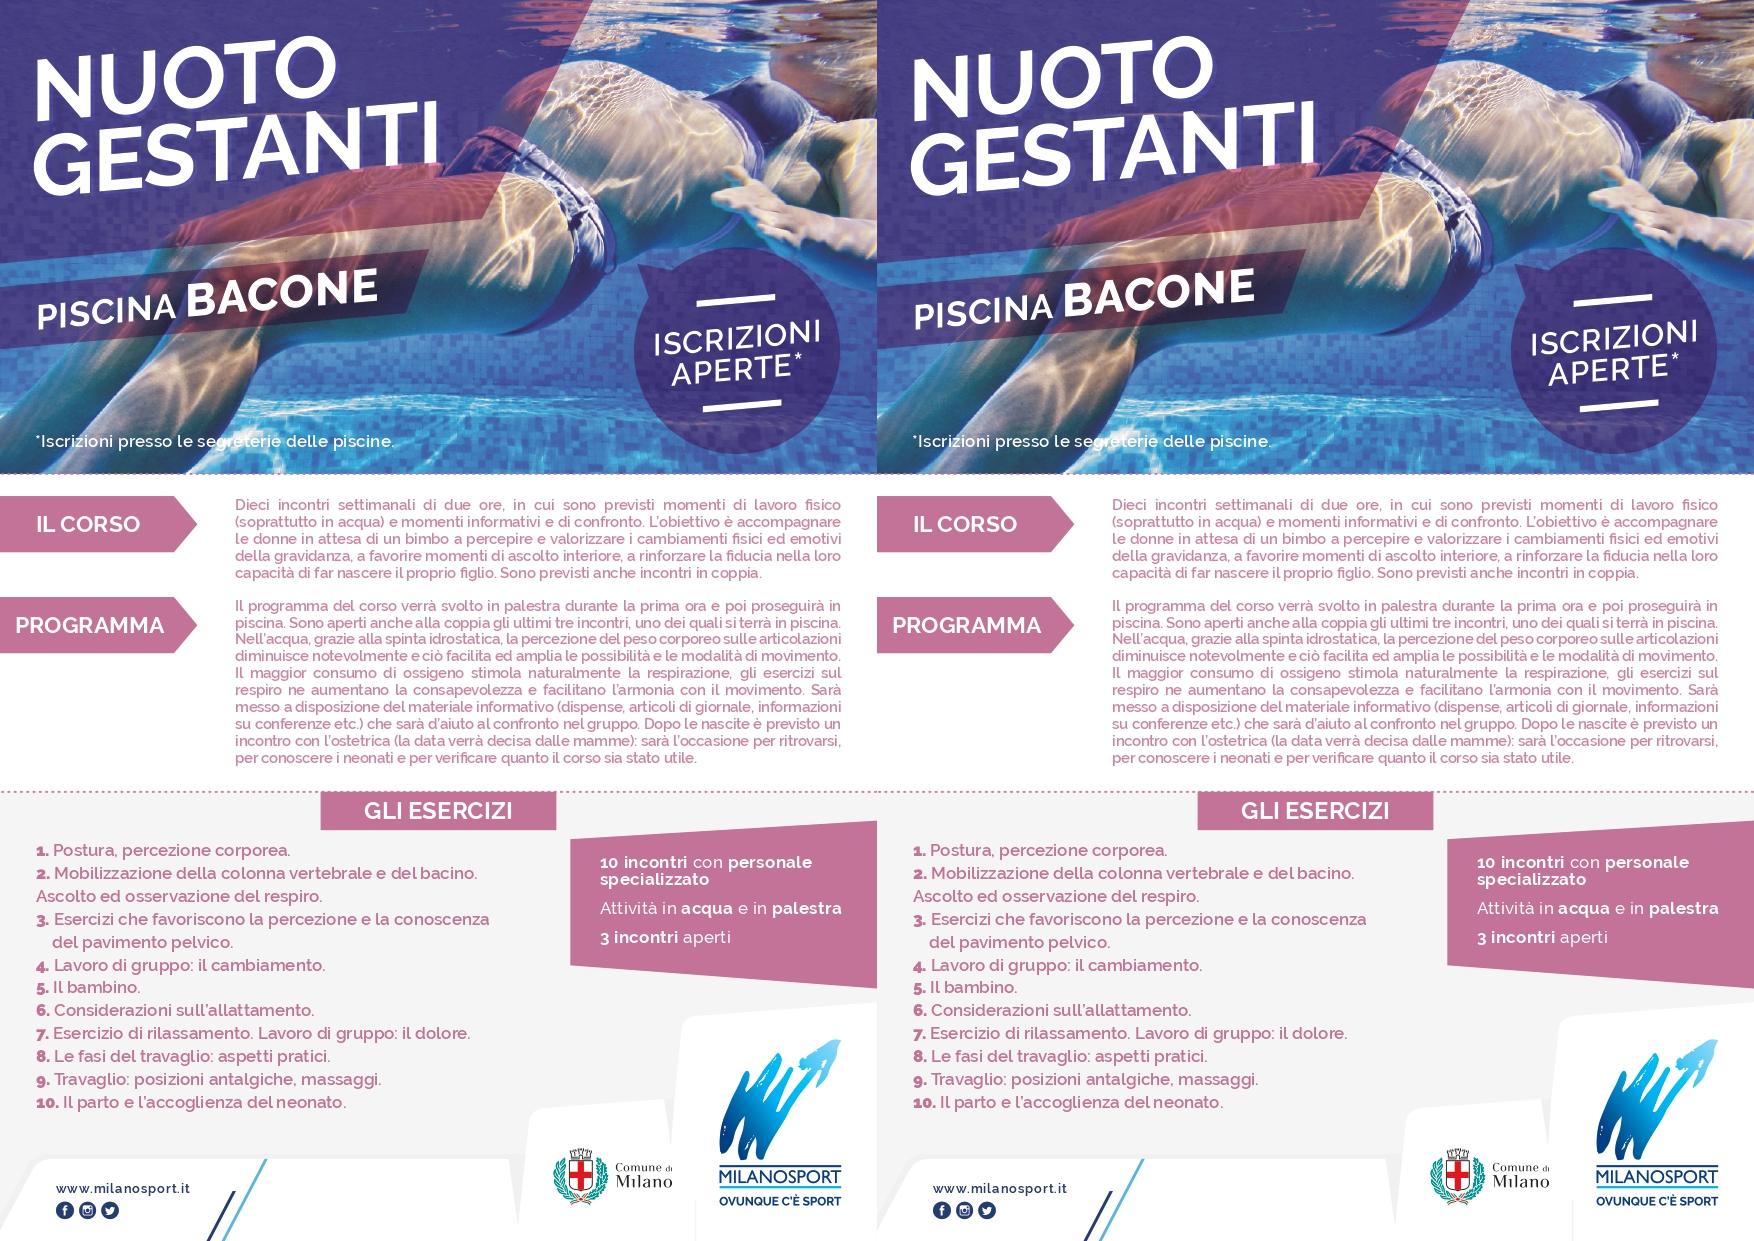 Calendario Lunare Gravidanza 2020.Milanosport Gli Impianti Bacone